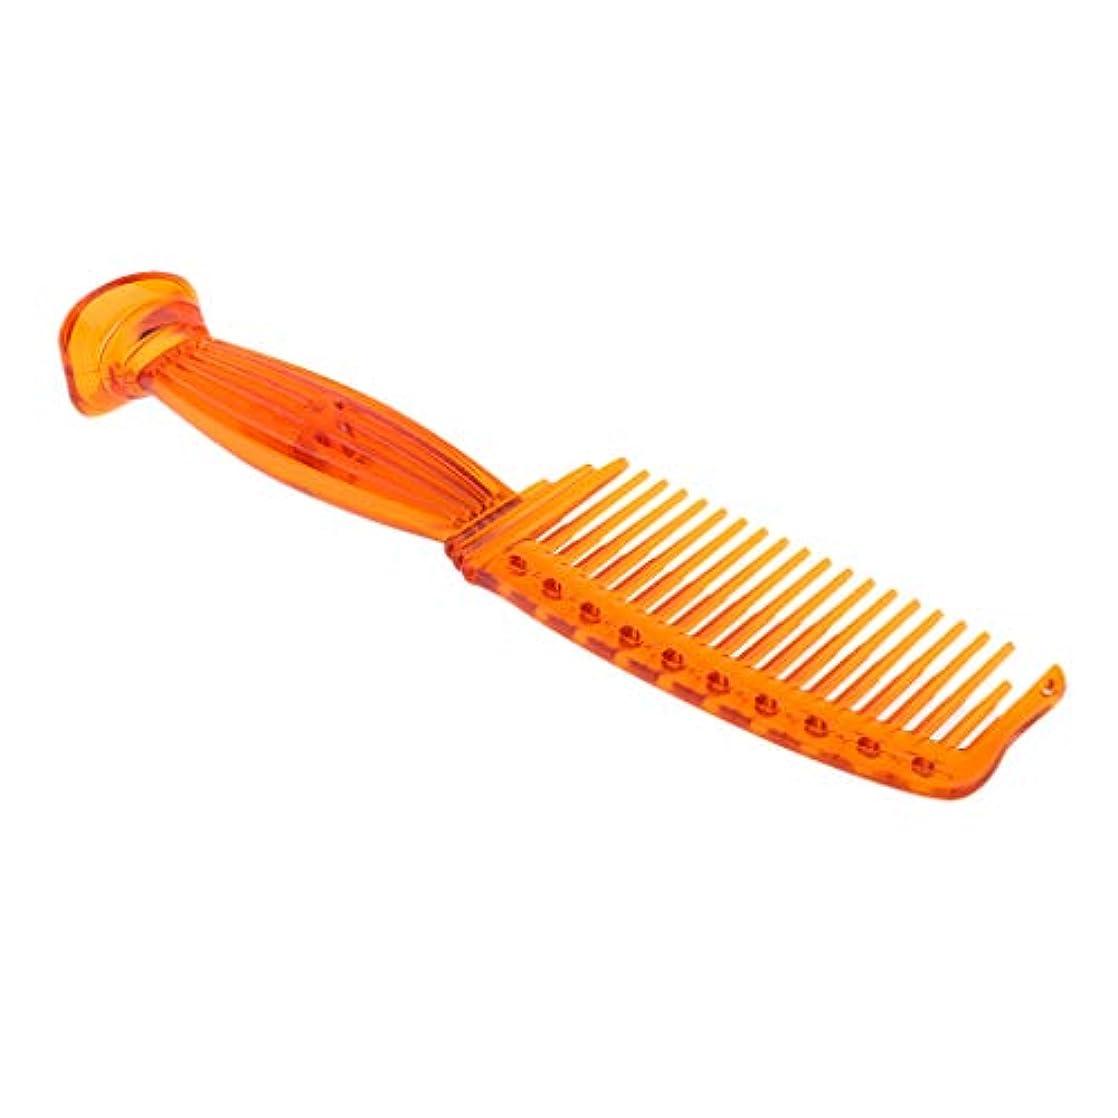 登録する栄光のハシーヘアコーム ヘアブラシ ワイド歯 プラスチック プロ ヘアサロン 理髪師 全5色選べ - オレンジ